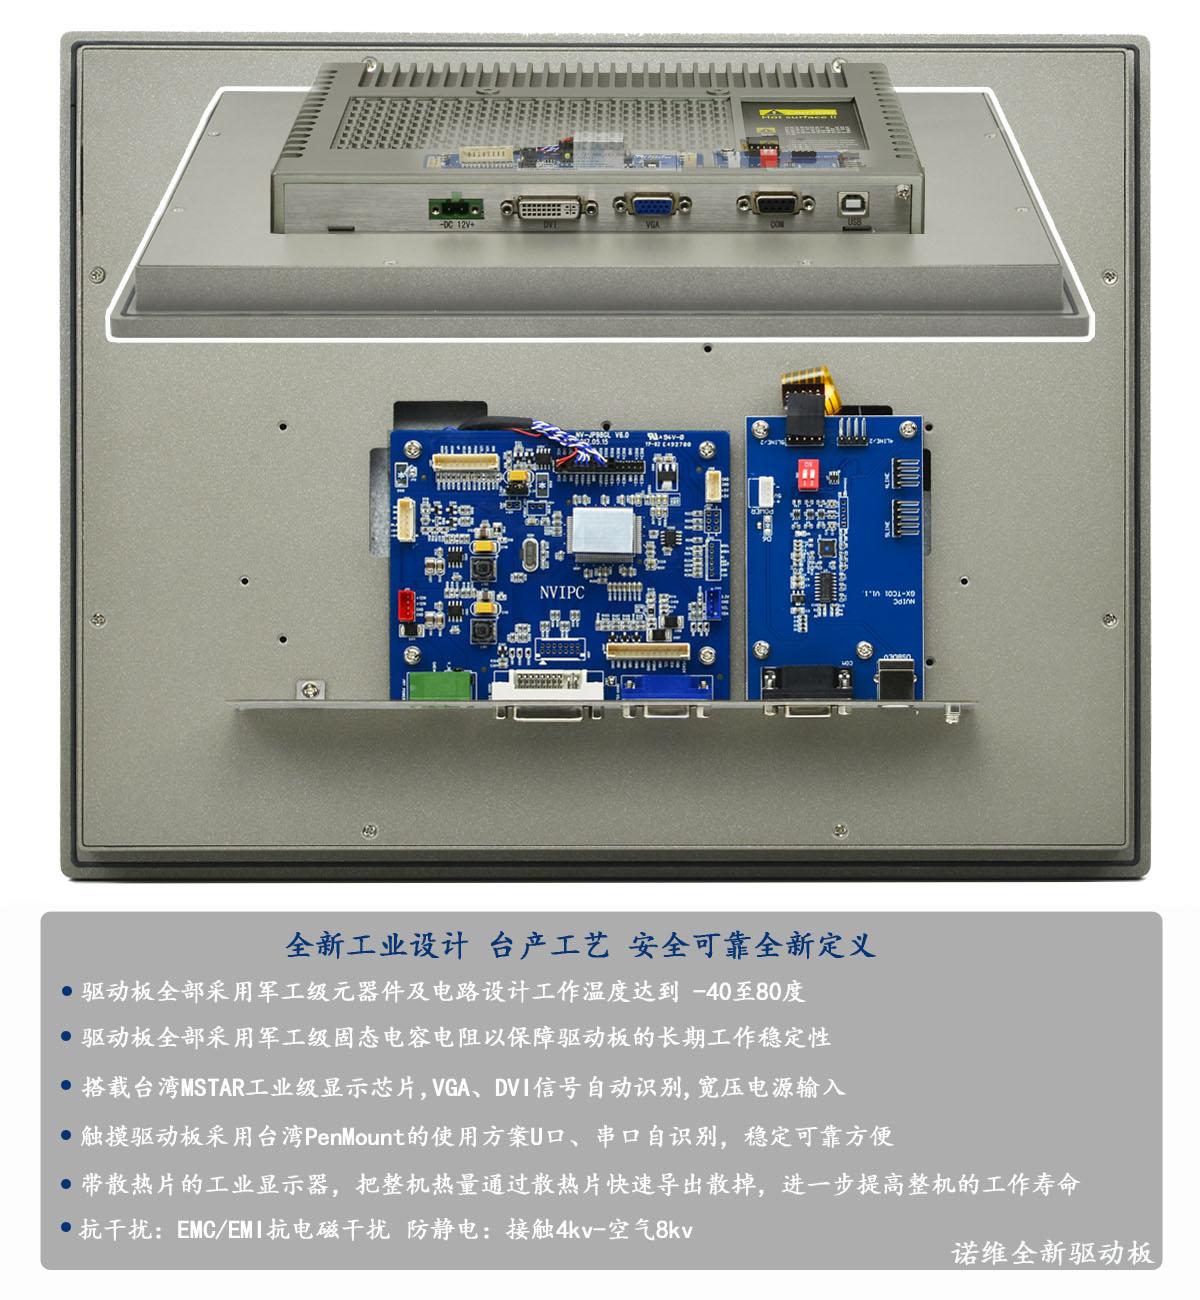 19寸机柜尺寸_诺维19寸工业显示器 NPM-5190GS - 19寸 - 工业平板电脑-触摸屏平板 ...